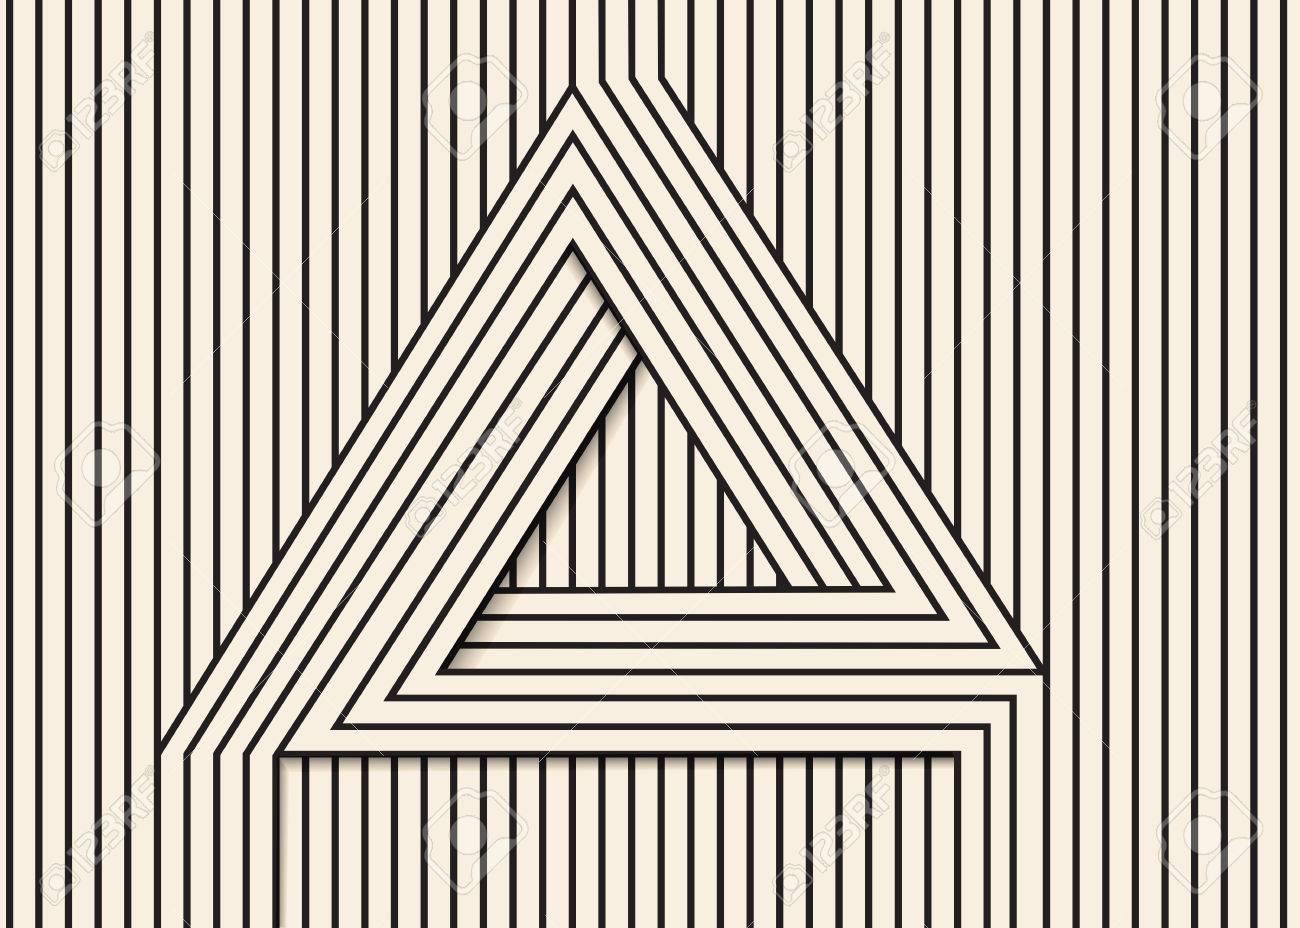 Resumen De Antecedentes De Hecho En Vector. Triangle.Black óptica ...